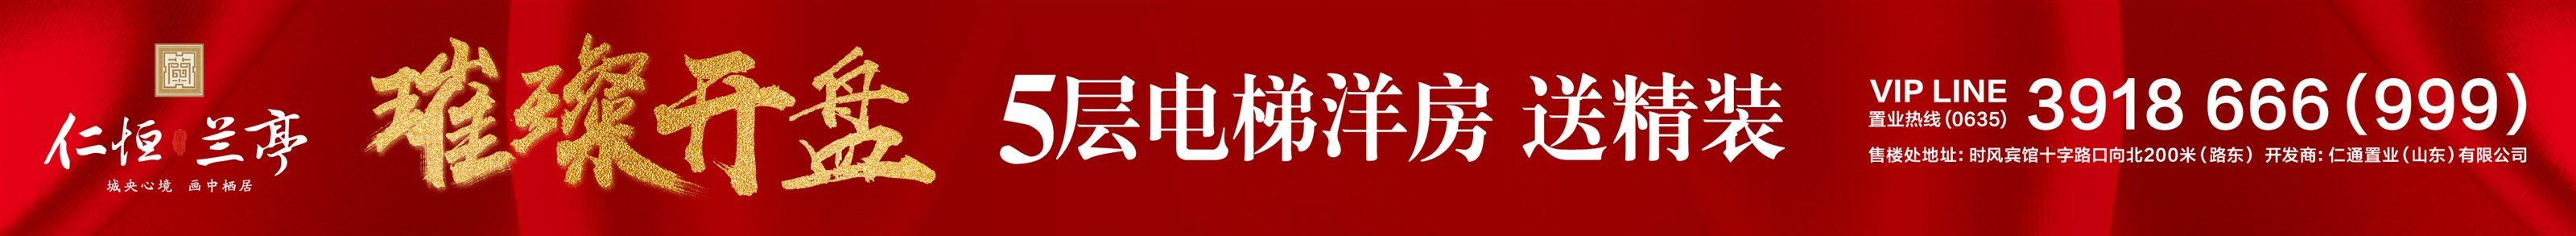 仁恒·阑亭